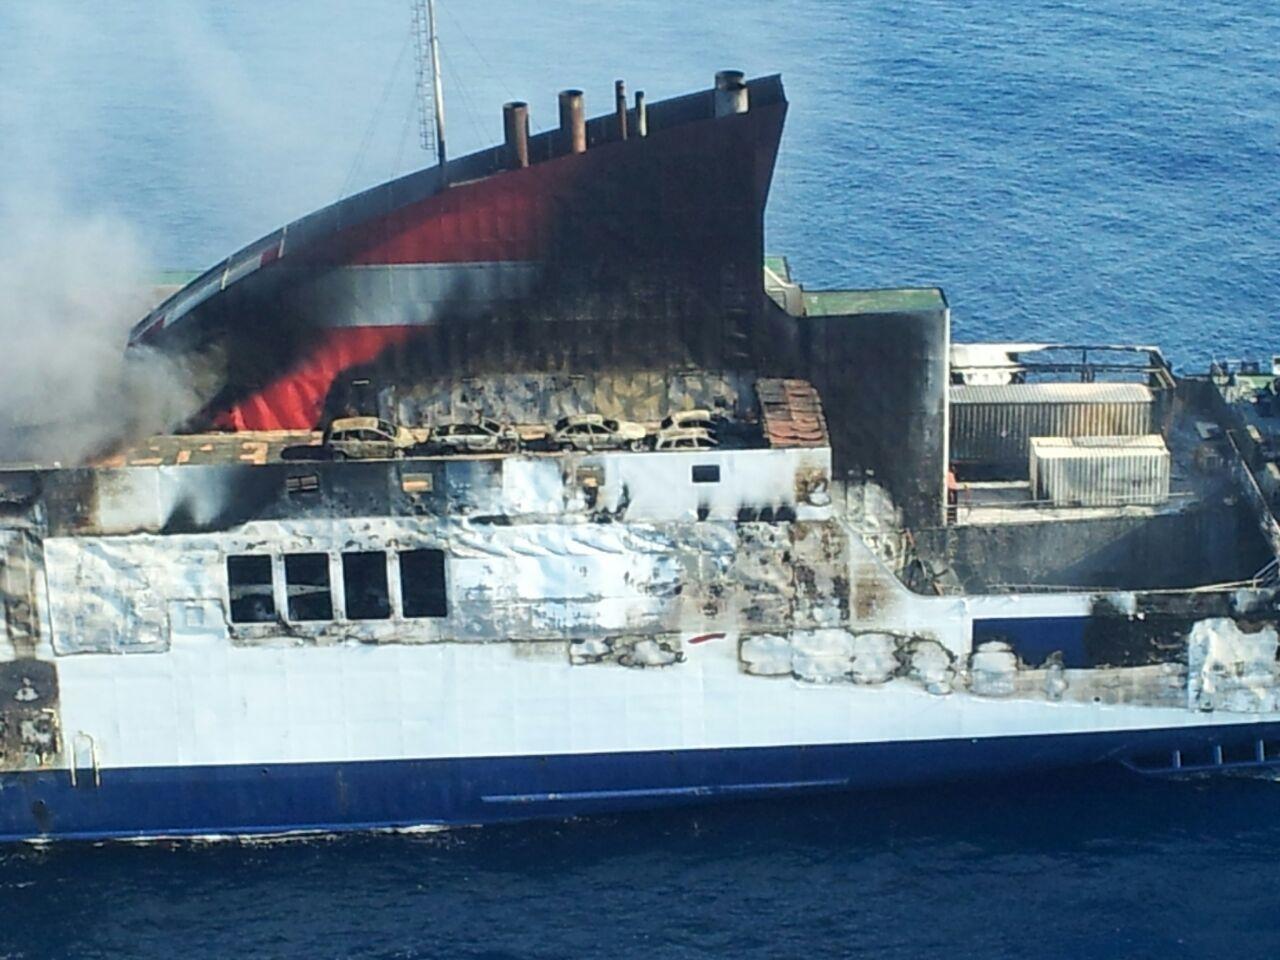 Los transportistas baleares afectados por el Sorrento se sienten abandonados